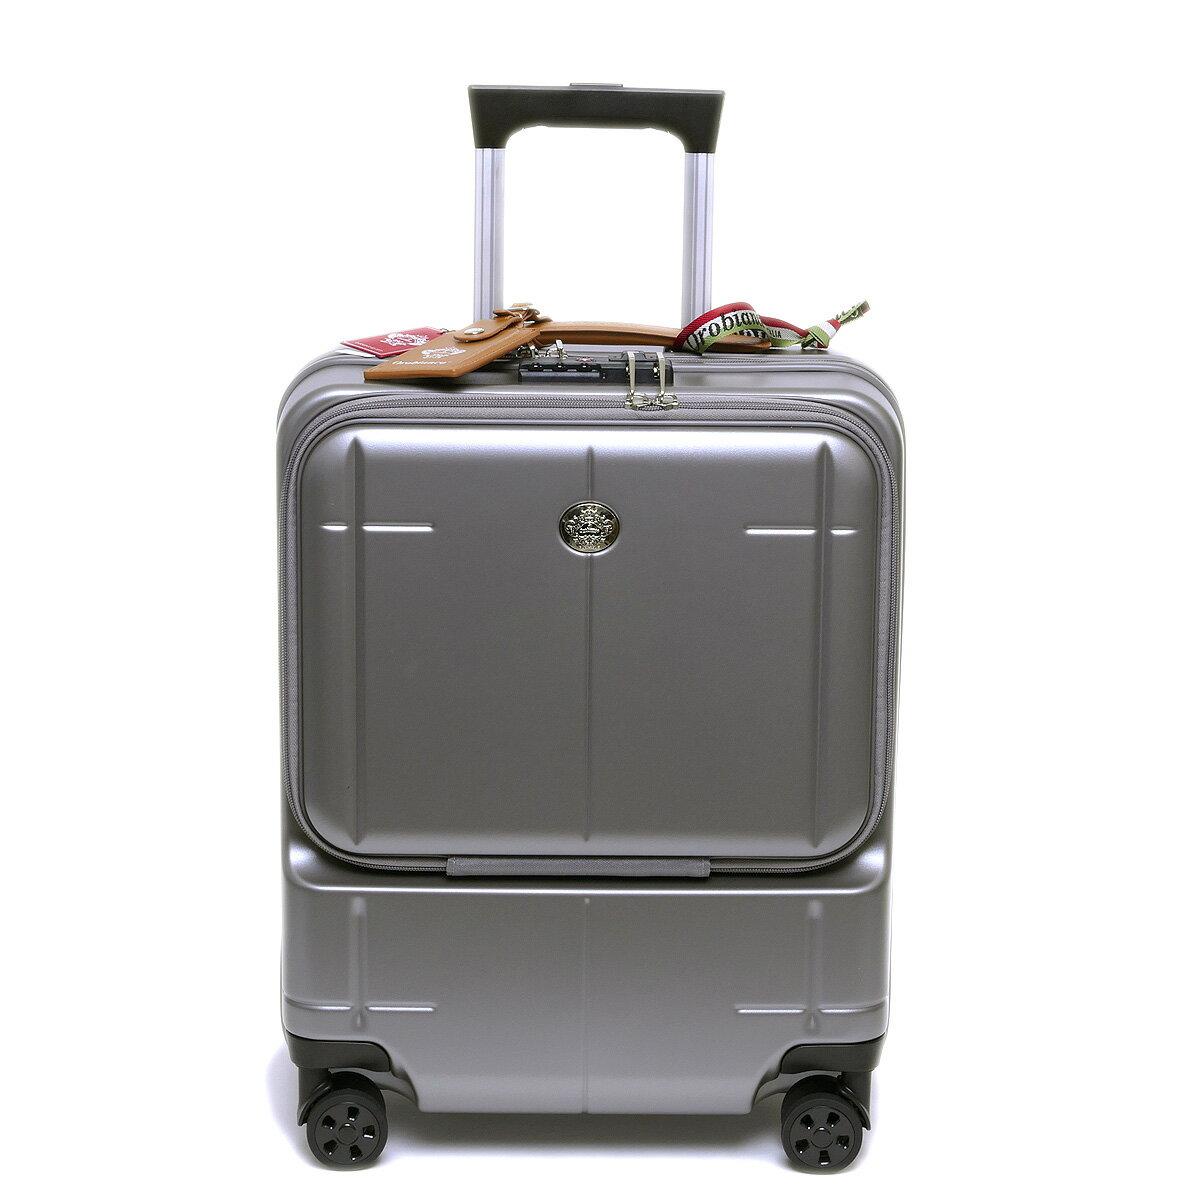 【国内正規品】オロビアンコ スーツケース ARZILLO アルズィーロ 縦型 グレー OROBIANCO